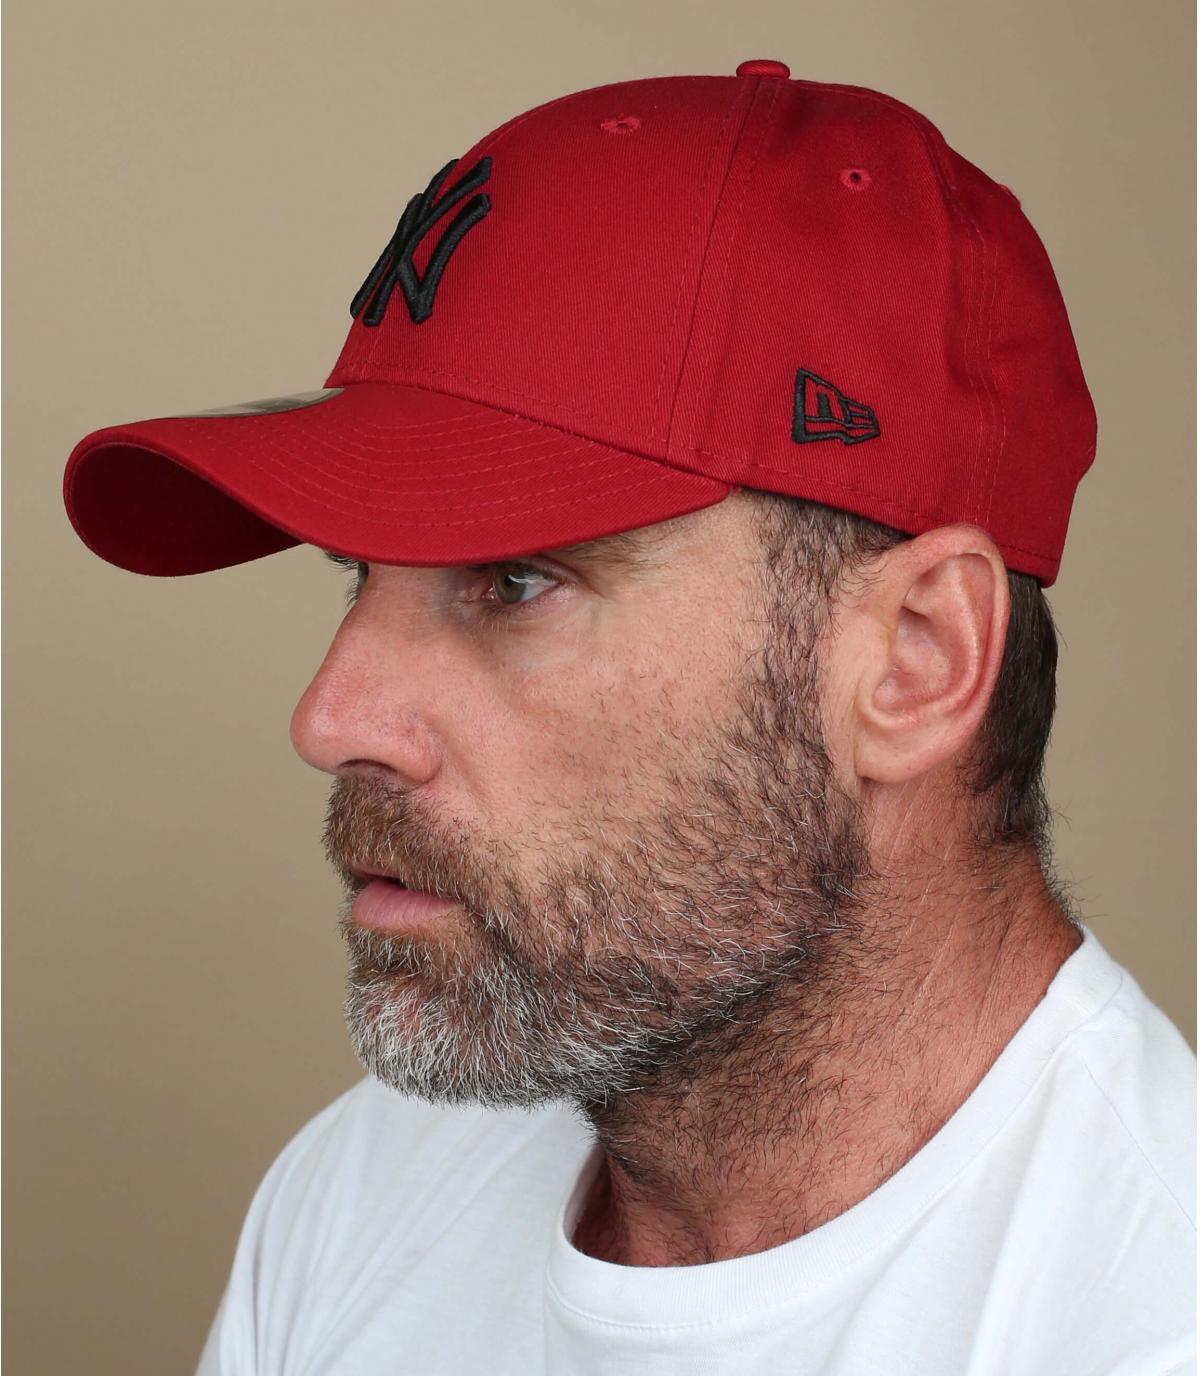 Gorra roja - Compra venta de Gorra rojas. Primera sombrerería en ... 215fcd73822